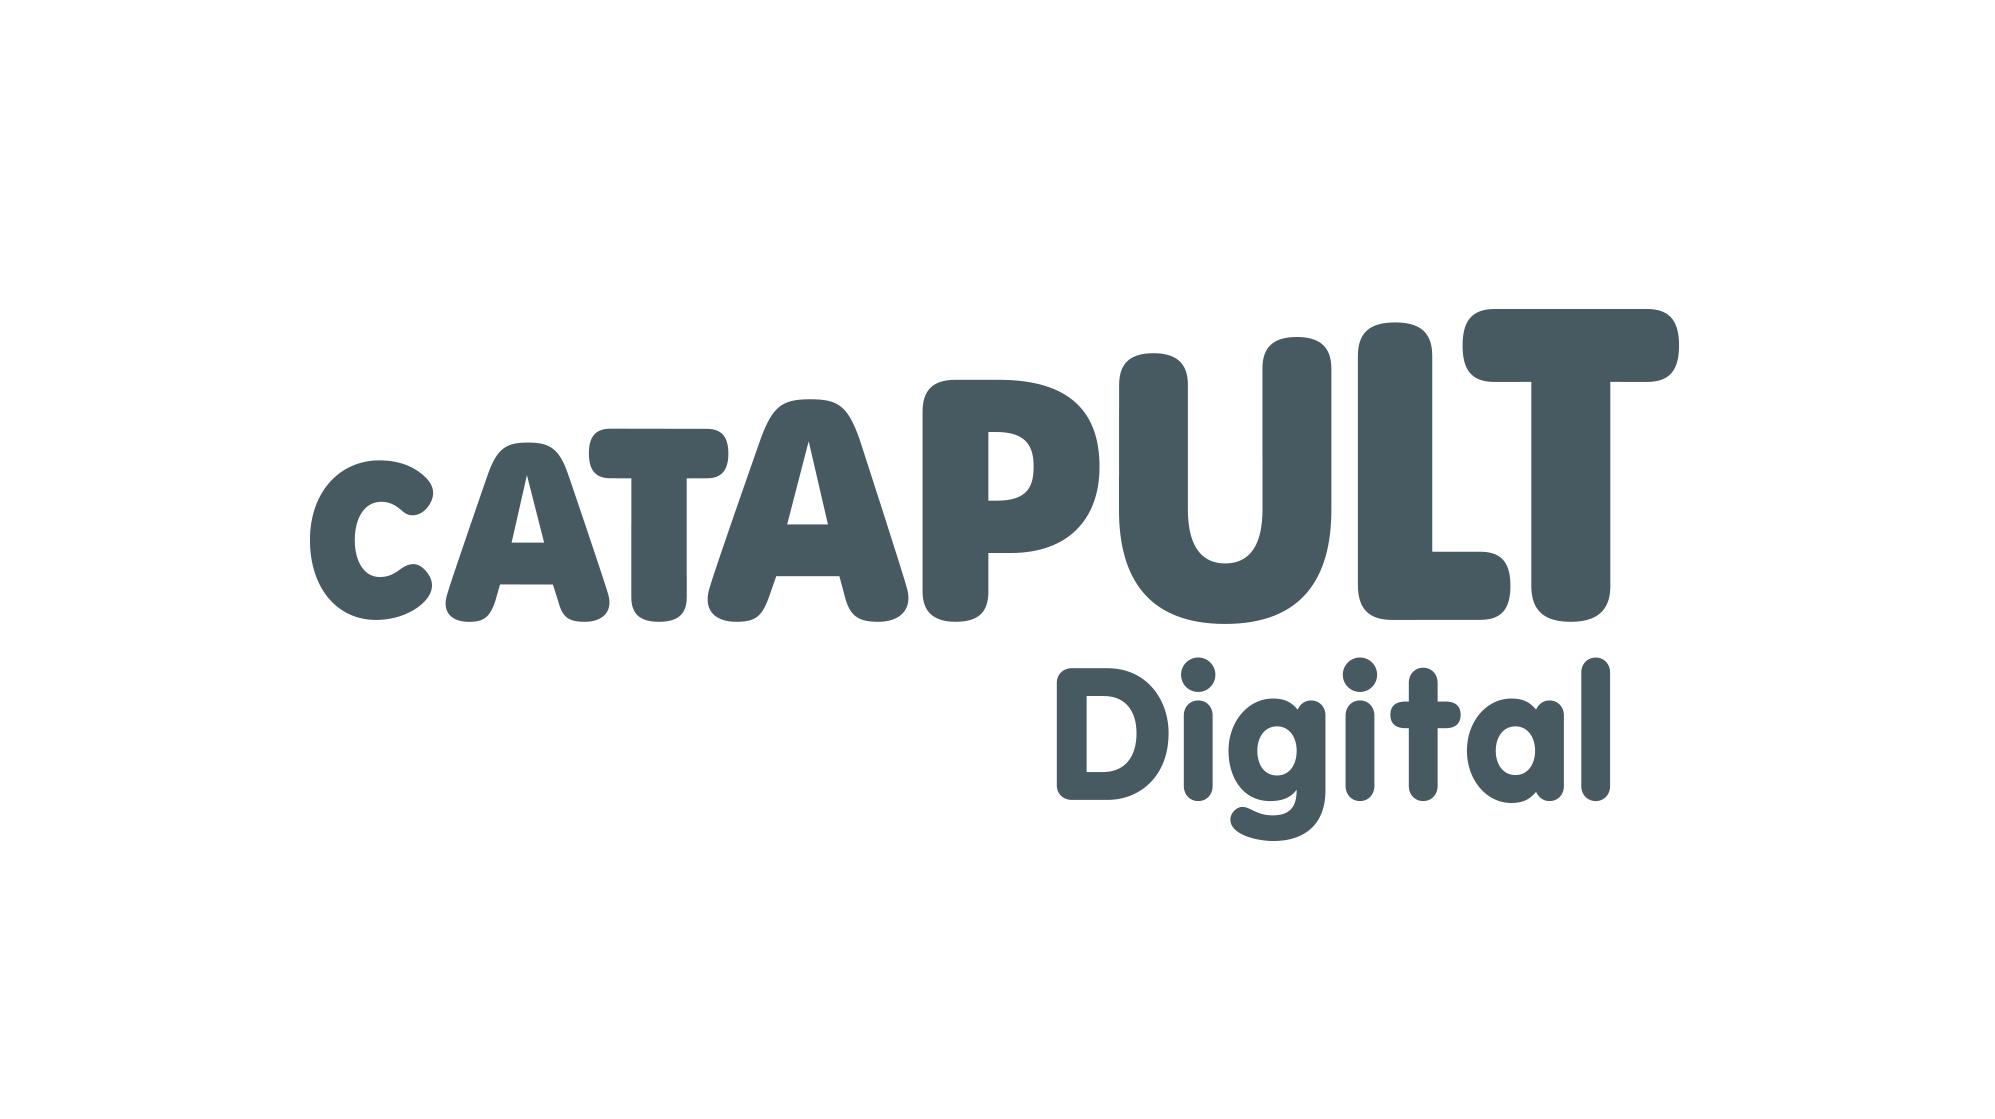 Digital Catapult's logo